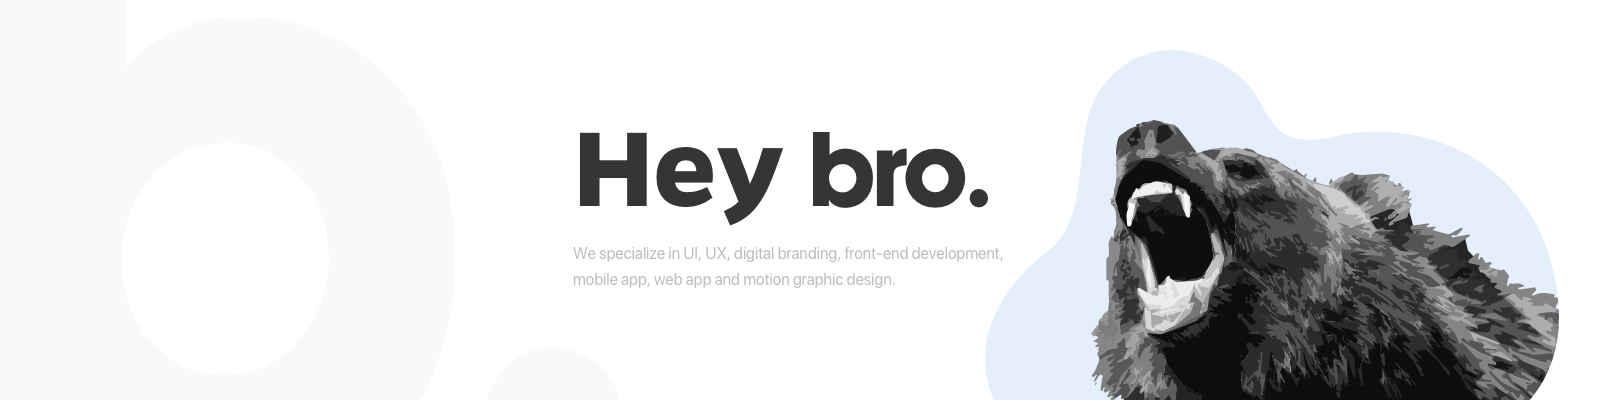 Bro. Data Driven Design Company banner fotograf